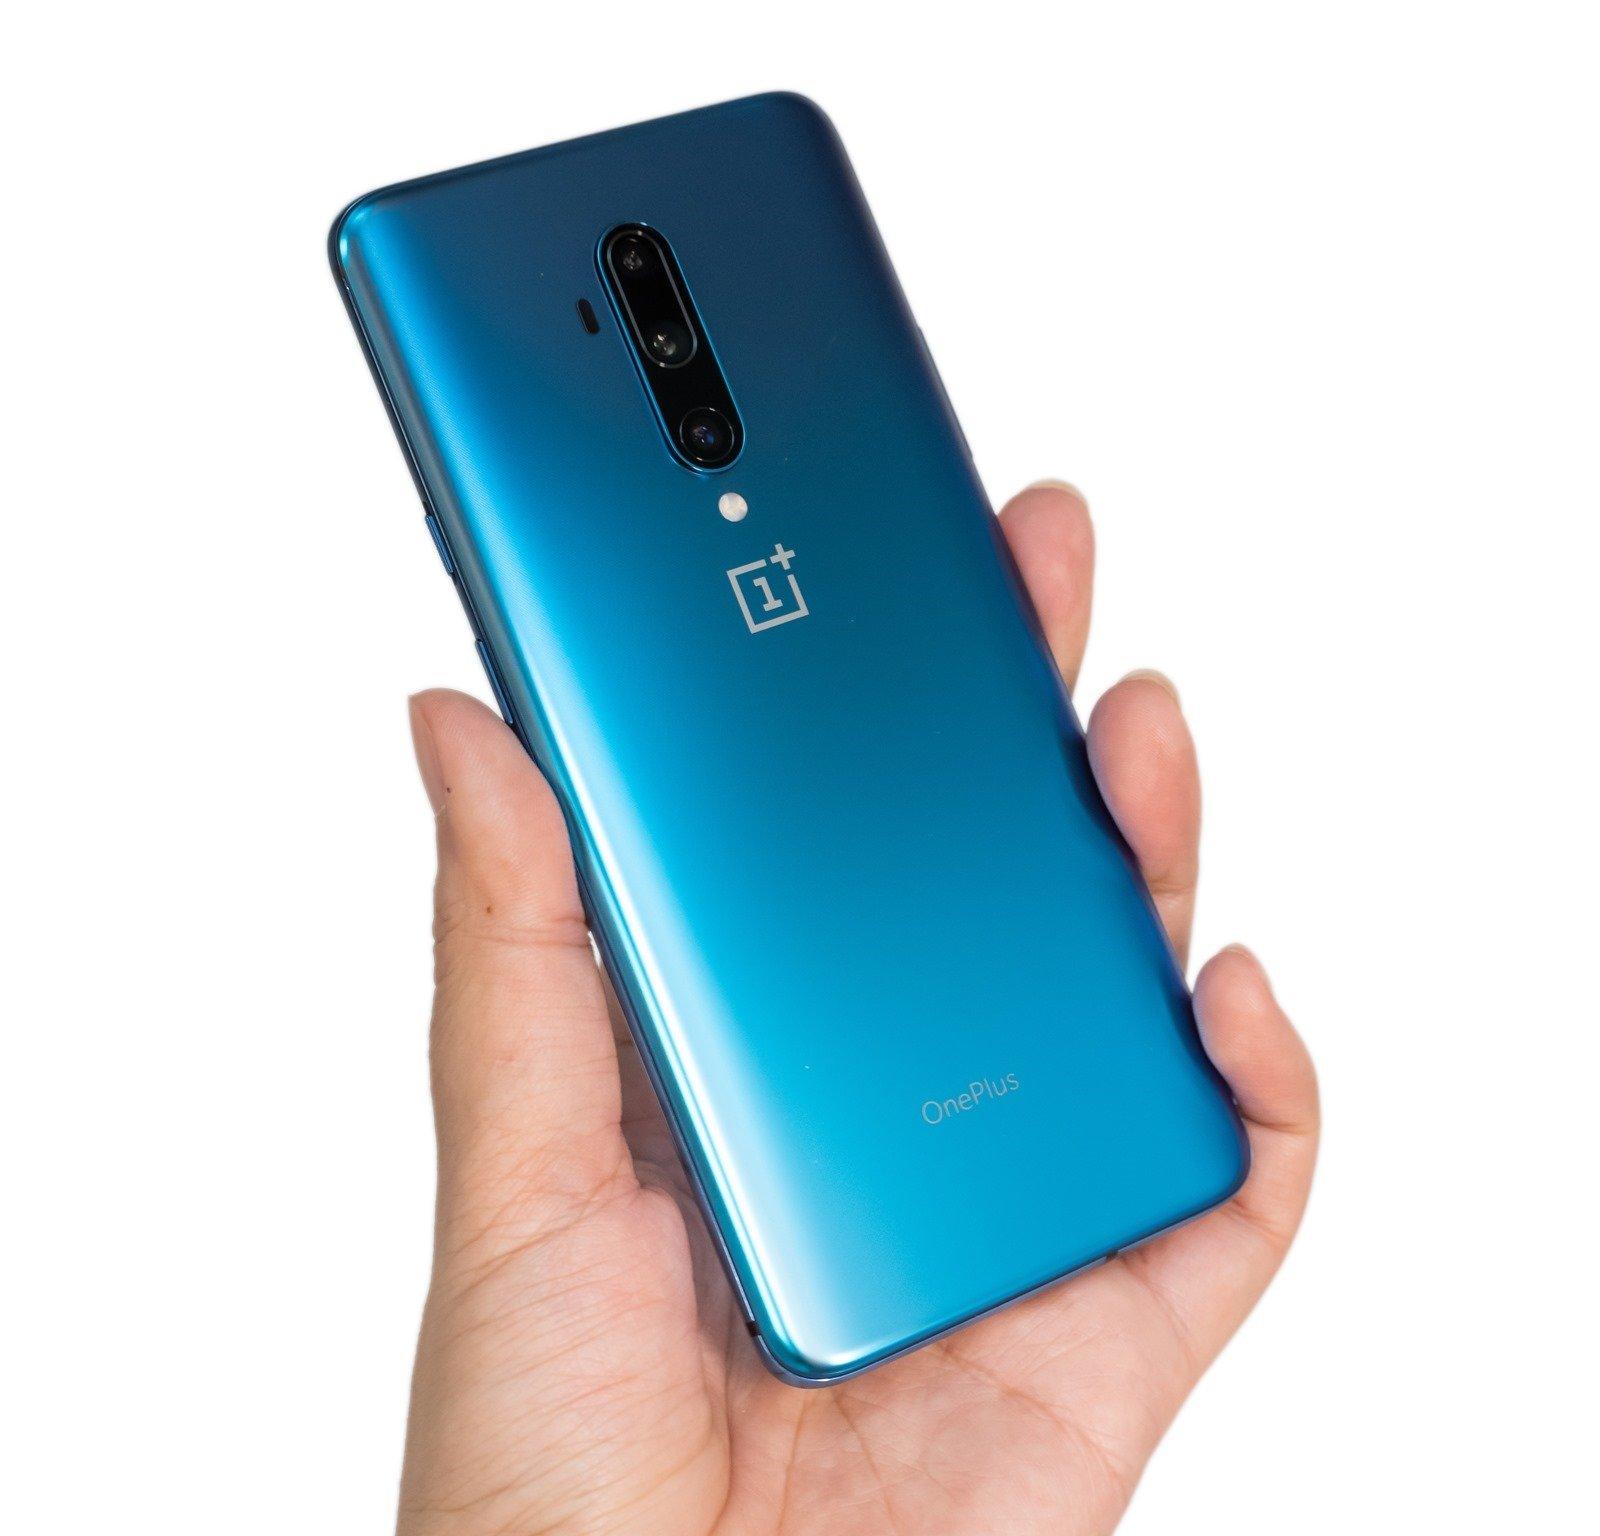 頂級極客手機改款 OnePlus 7T Pro 分享介紹 / 性能 / 電力 / 相機實拍 @3C 達人廖阿輝